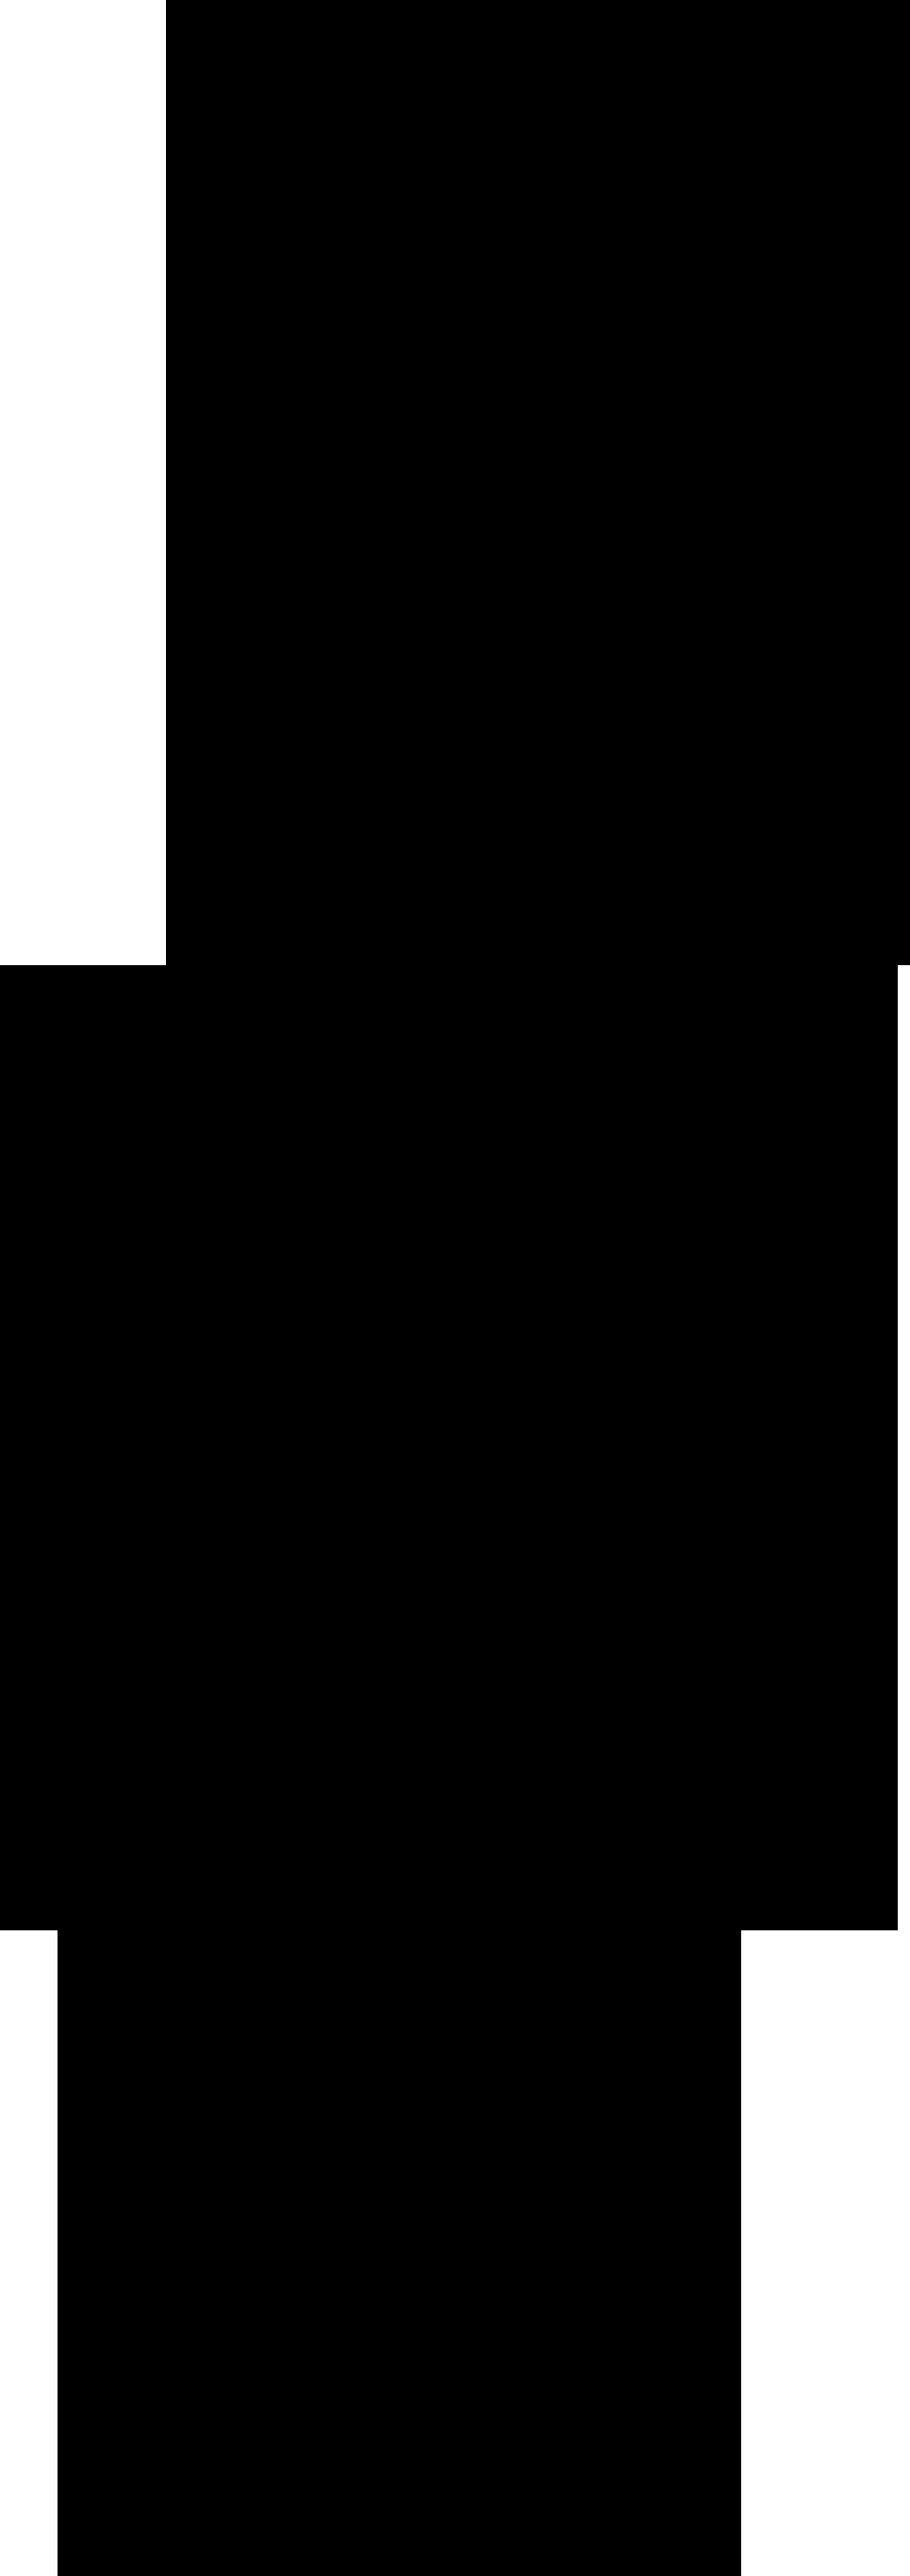 Черно-белый рисунок с изображением скелета с прозрачным фоном в формате png